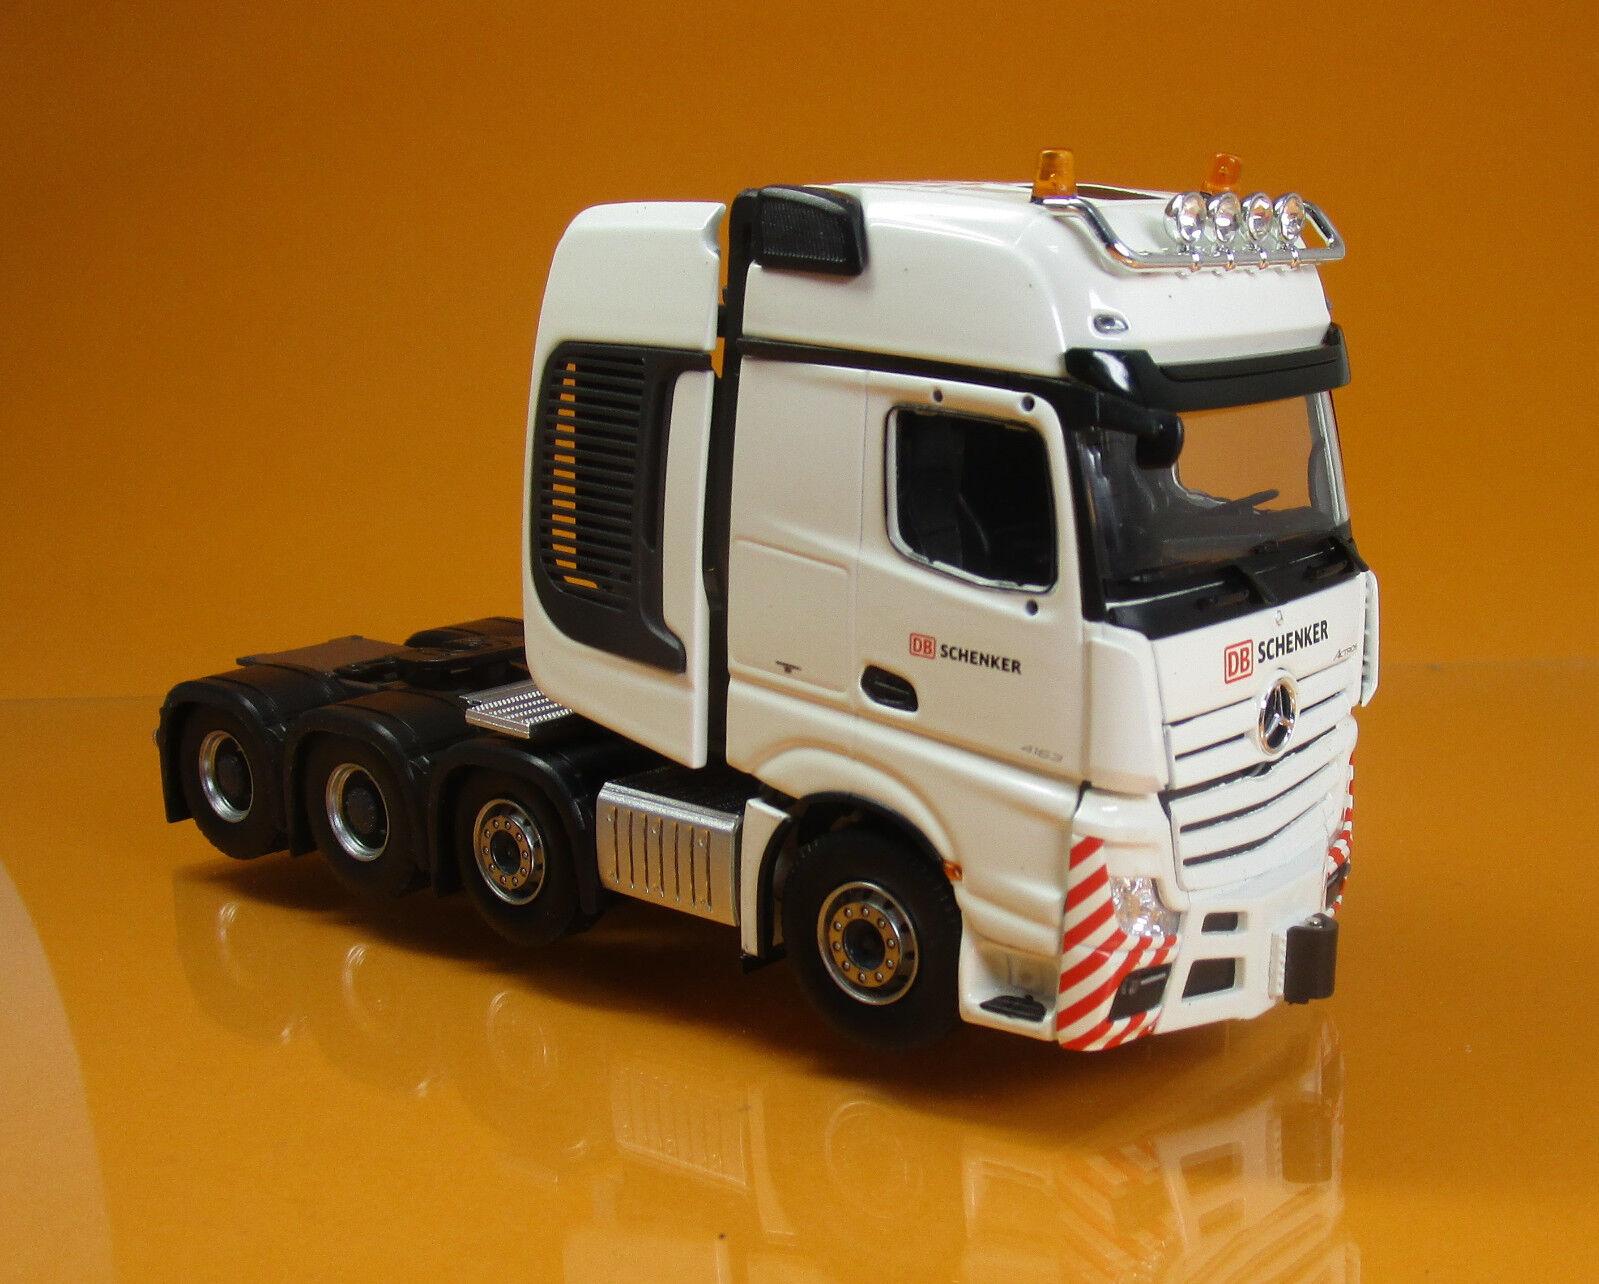 Herpa 071307 Mercedes Benz Actros SLT tracteur camion DB Schenker Scale 1 50 NOUVEAU